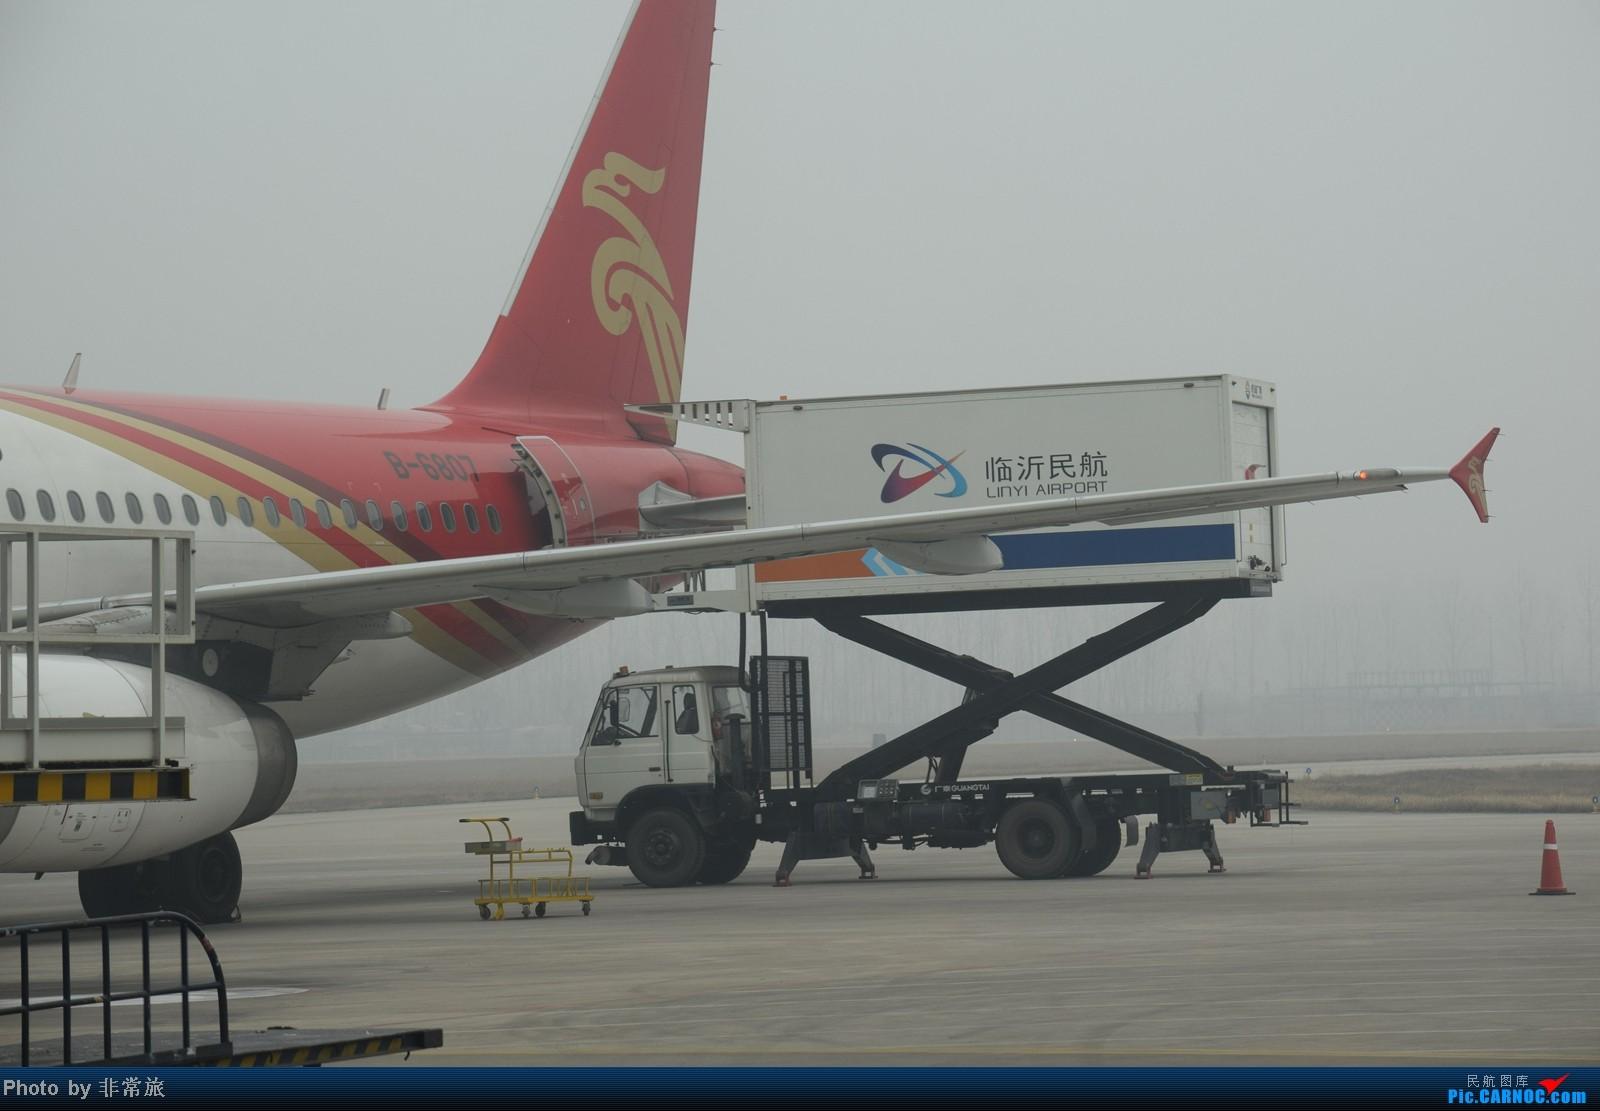 Re:[原创]大年三十除夕夜,三万英尺云霄间。 AIRBUS A320-200 B-6807 中国临沂沭埠岭机场 中国临沂沭埠岭机场